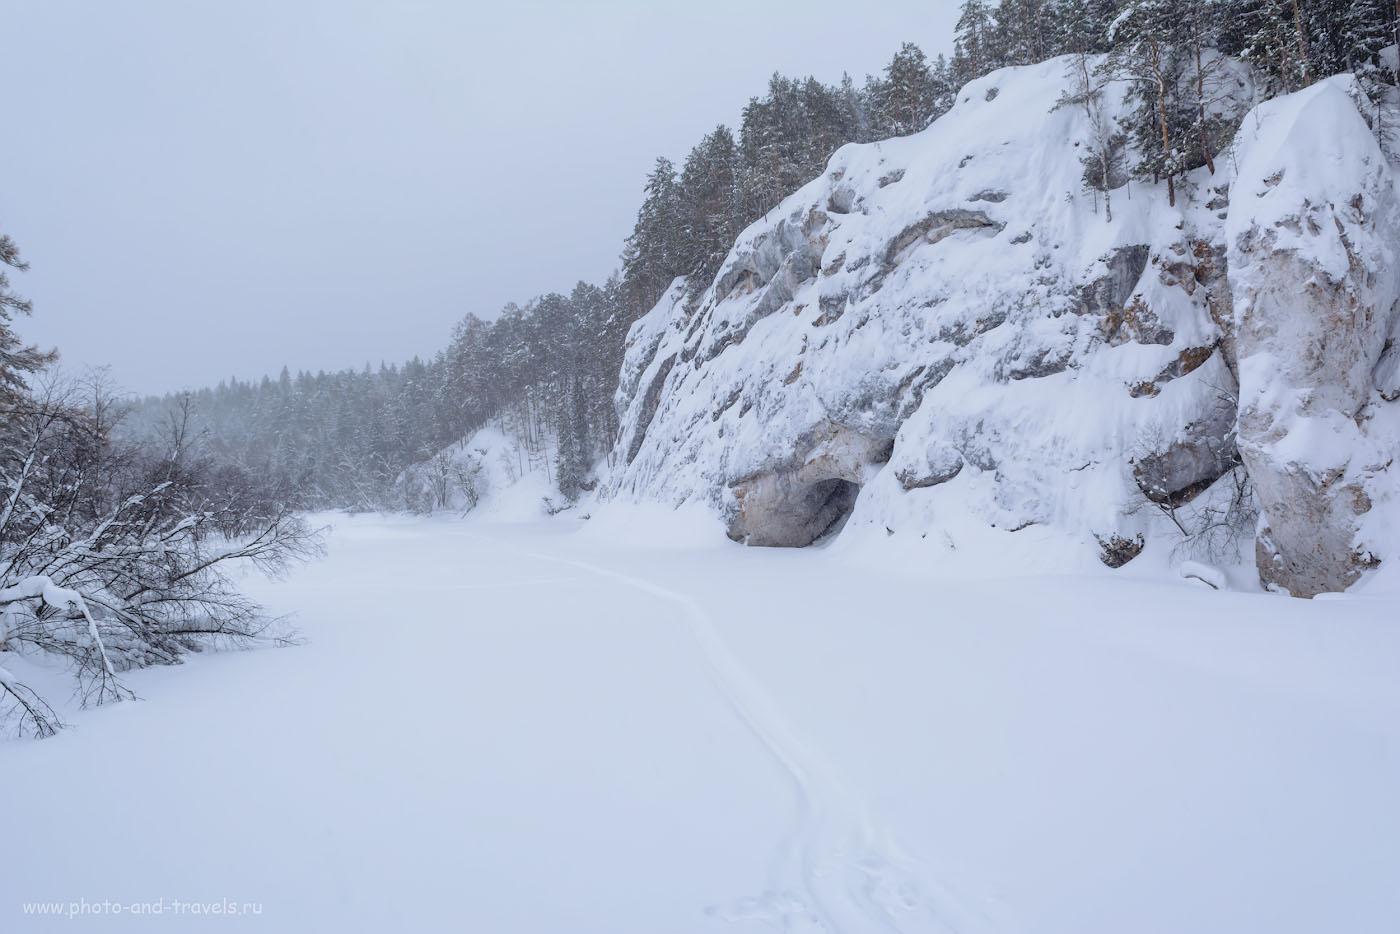 Фото 15. Зимний пейзаж на Nikon D5200 и зум Nikon 17-55mm f/2.8. В отзывах можно встретить мнение, что репортажник слишком контрастный. В пургу это – скорее, плюс, чем минус. 1/100, +1.33, 9.0, 280, 17.